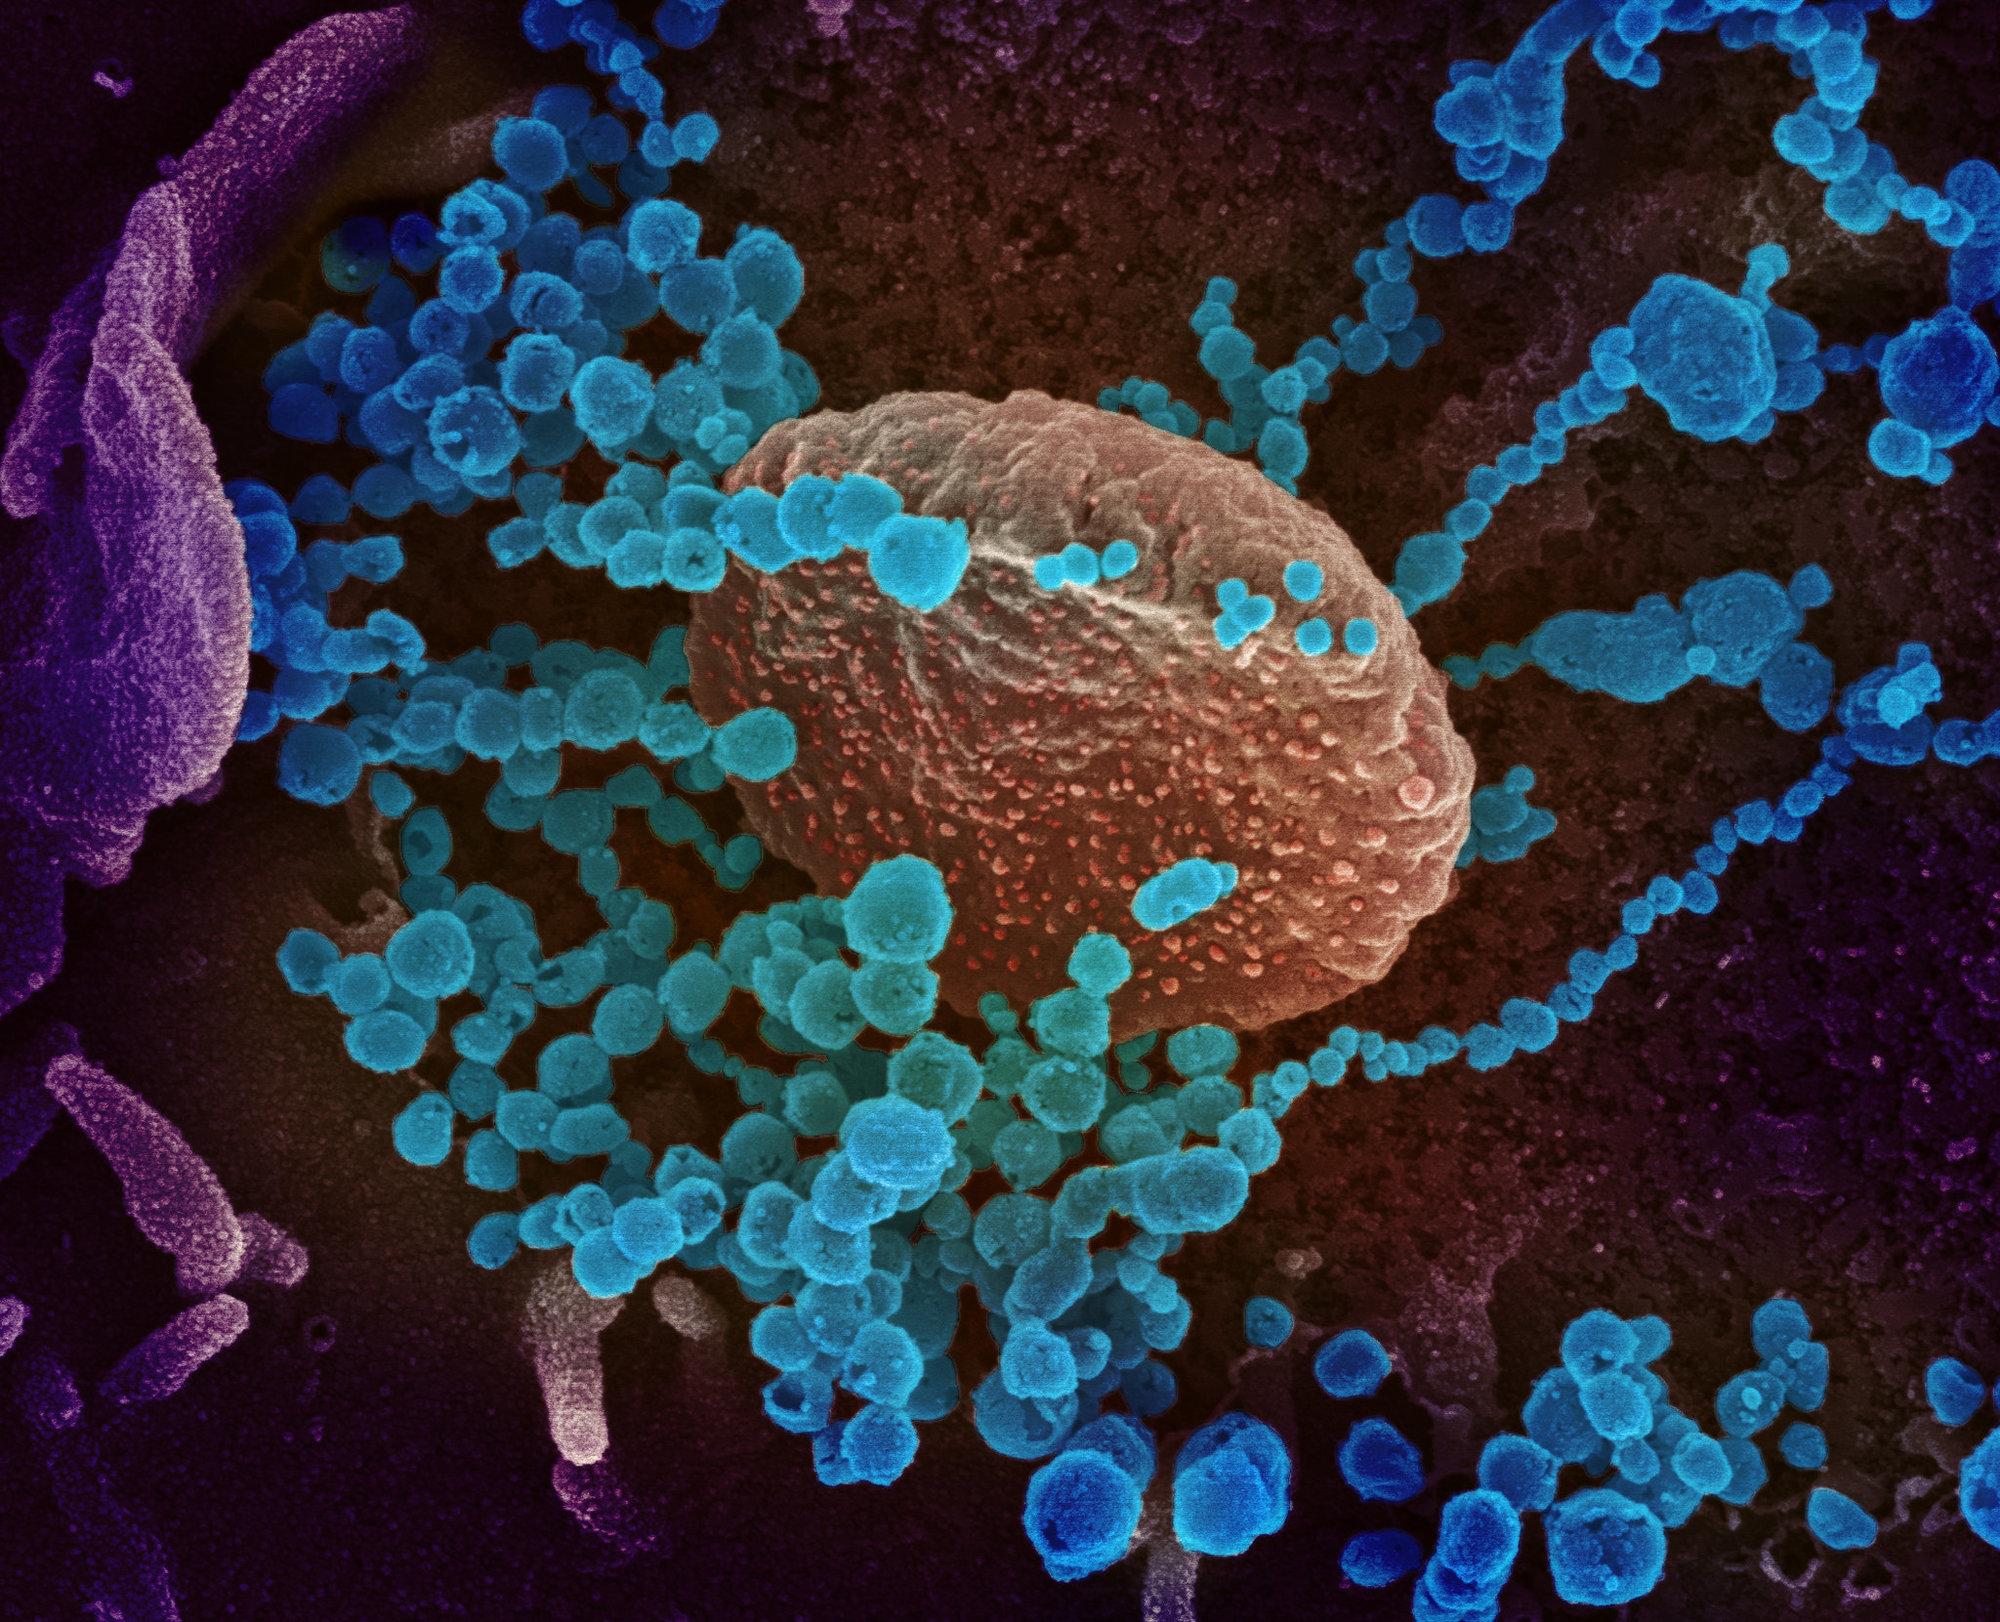 Koronavirus SARS-CoV-2